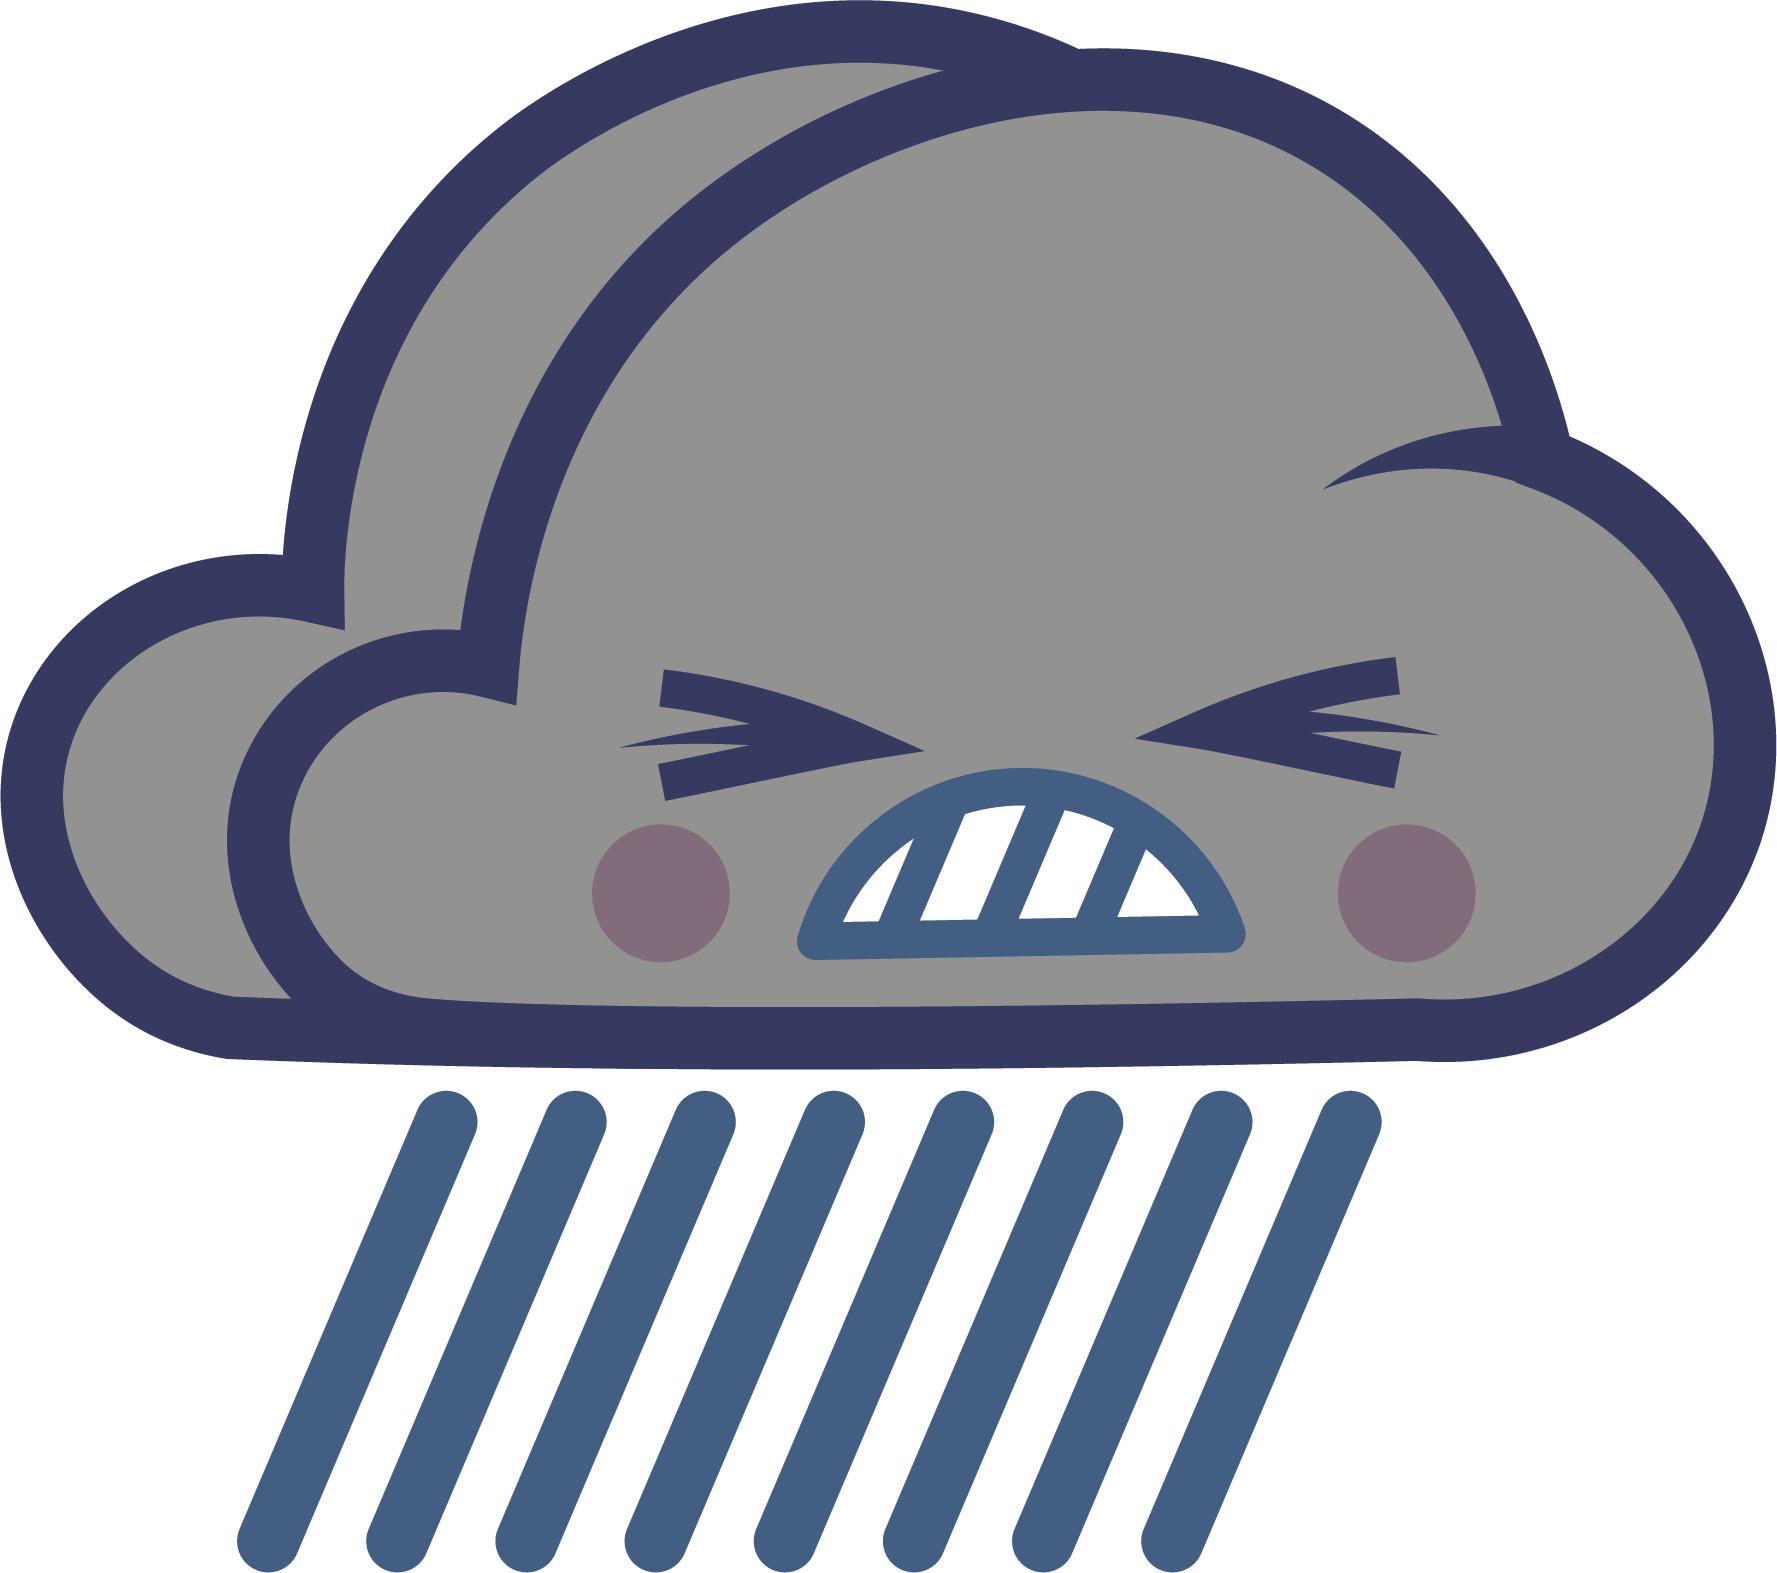 Glenn melenhorst raining cloud